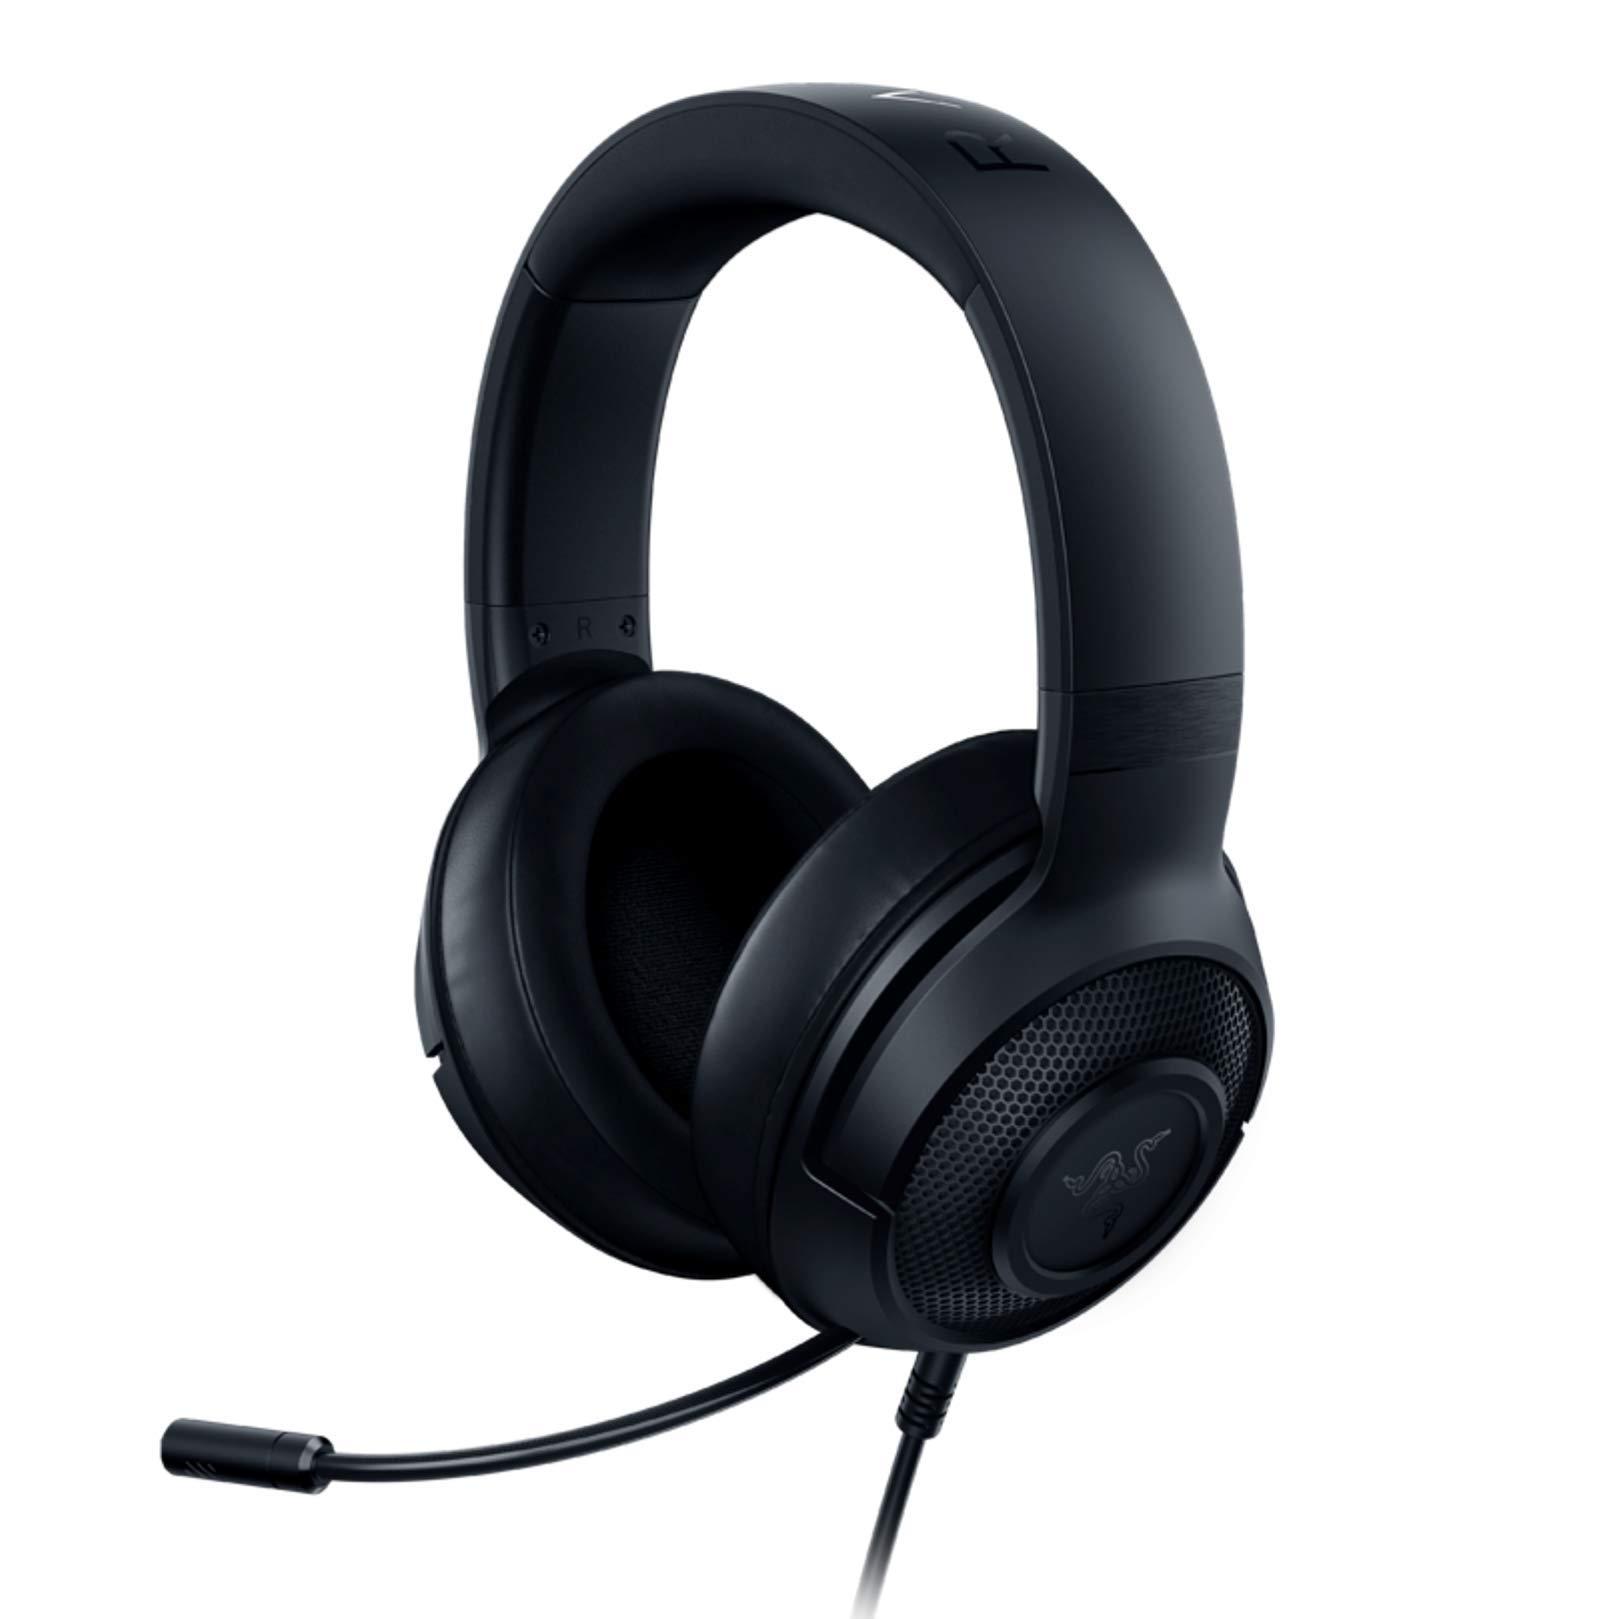 Razer Kraken Ultralight Gaming Headset